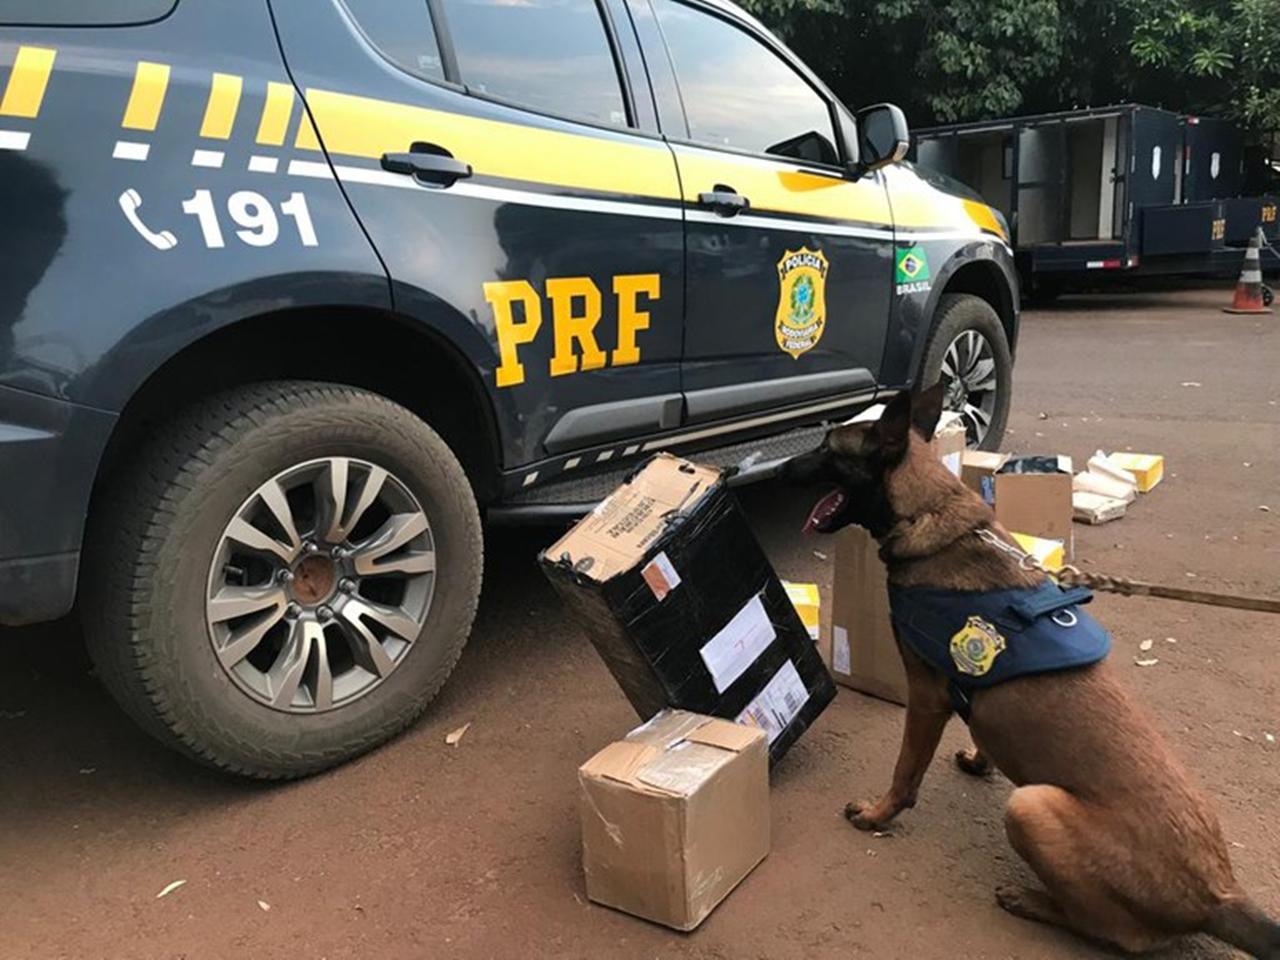 PRF e Correios realizam operação conjunta para interceptar encomendas com drogas em Campo Grande (MS). Foto: Divulgação